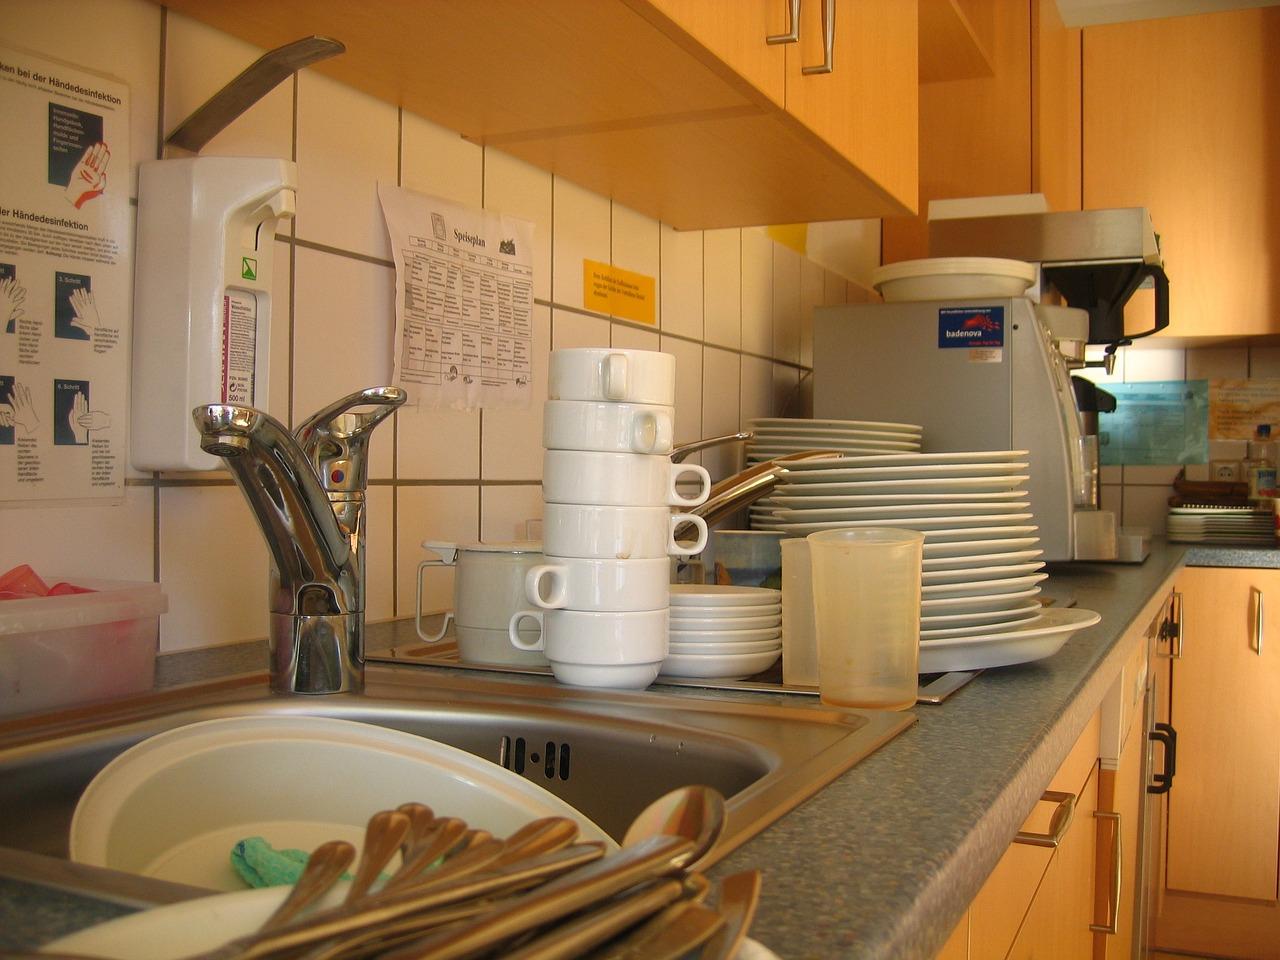 食洗機の電気代は想像以上に安い!内訳と更に節約する方法をご紹介のサムネイル画像